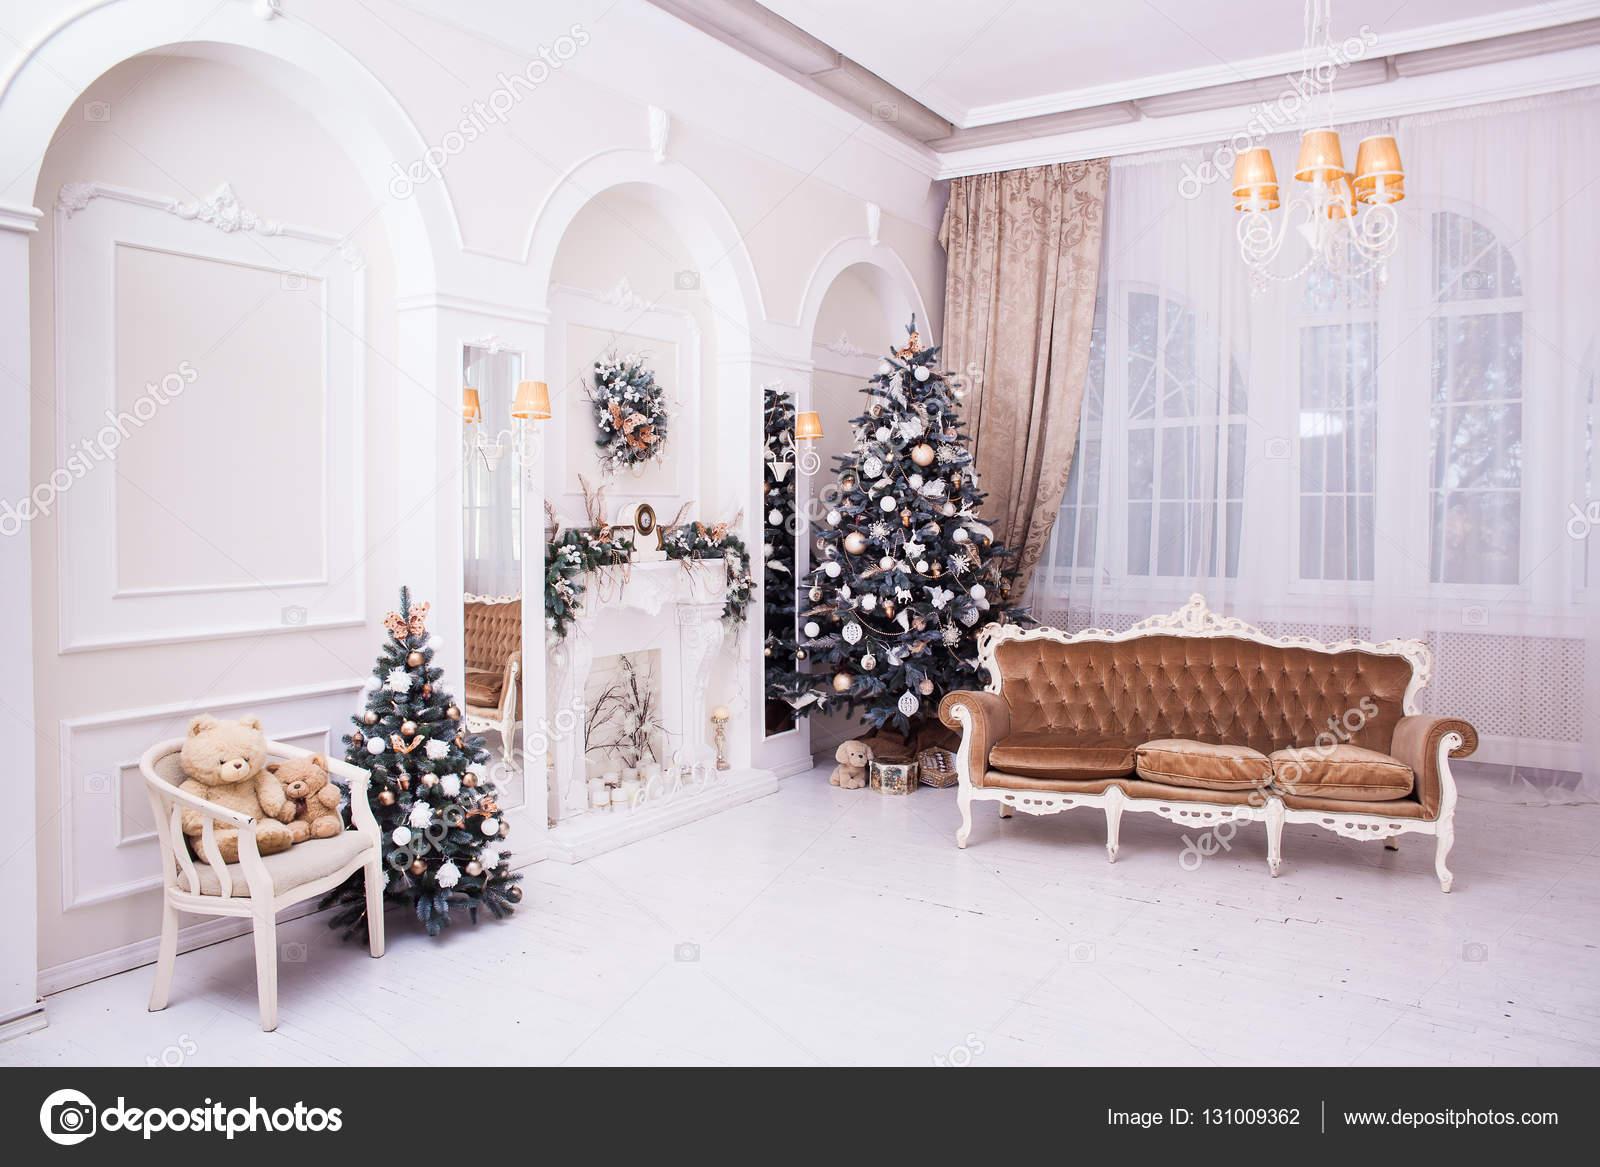 Winter-Neujahr und Weihnachten Dekoration in klassischen Halle ...